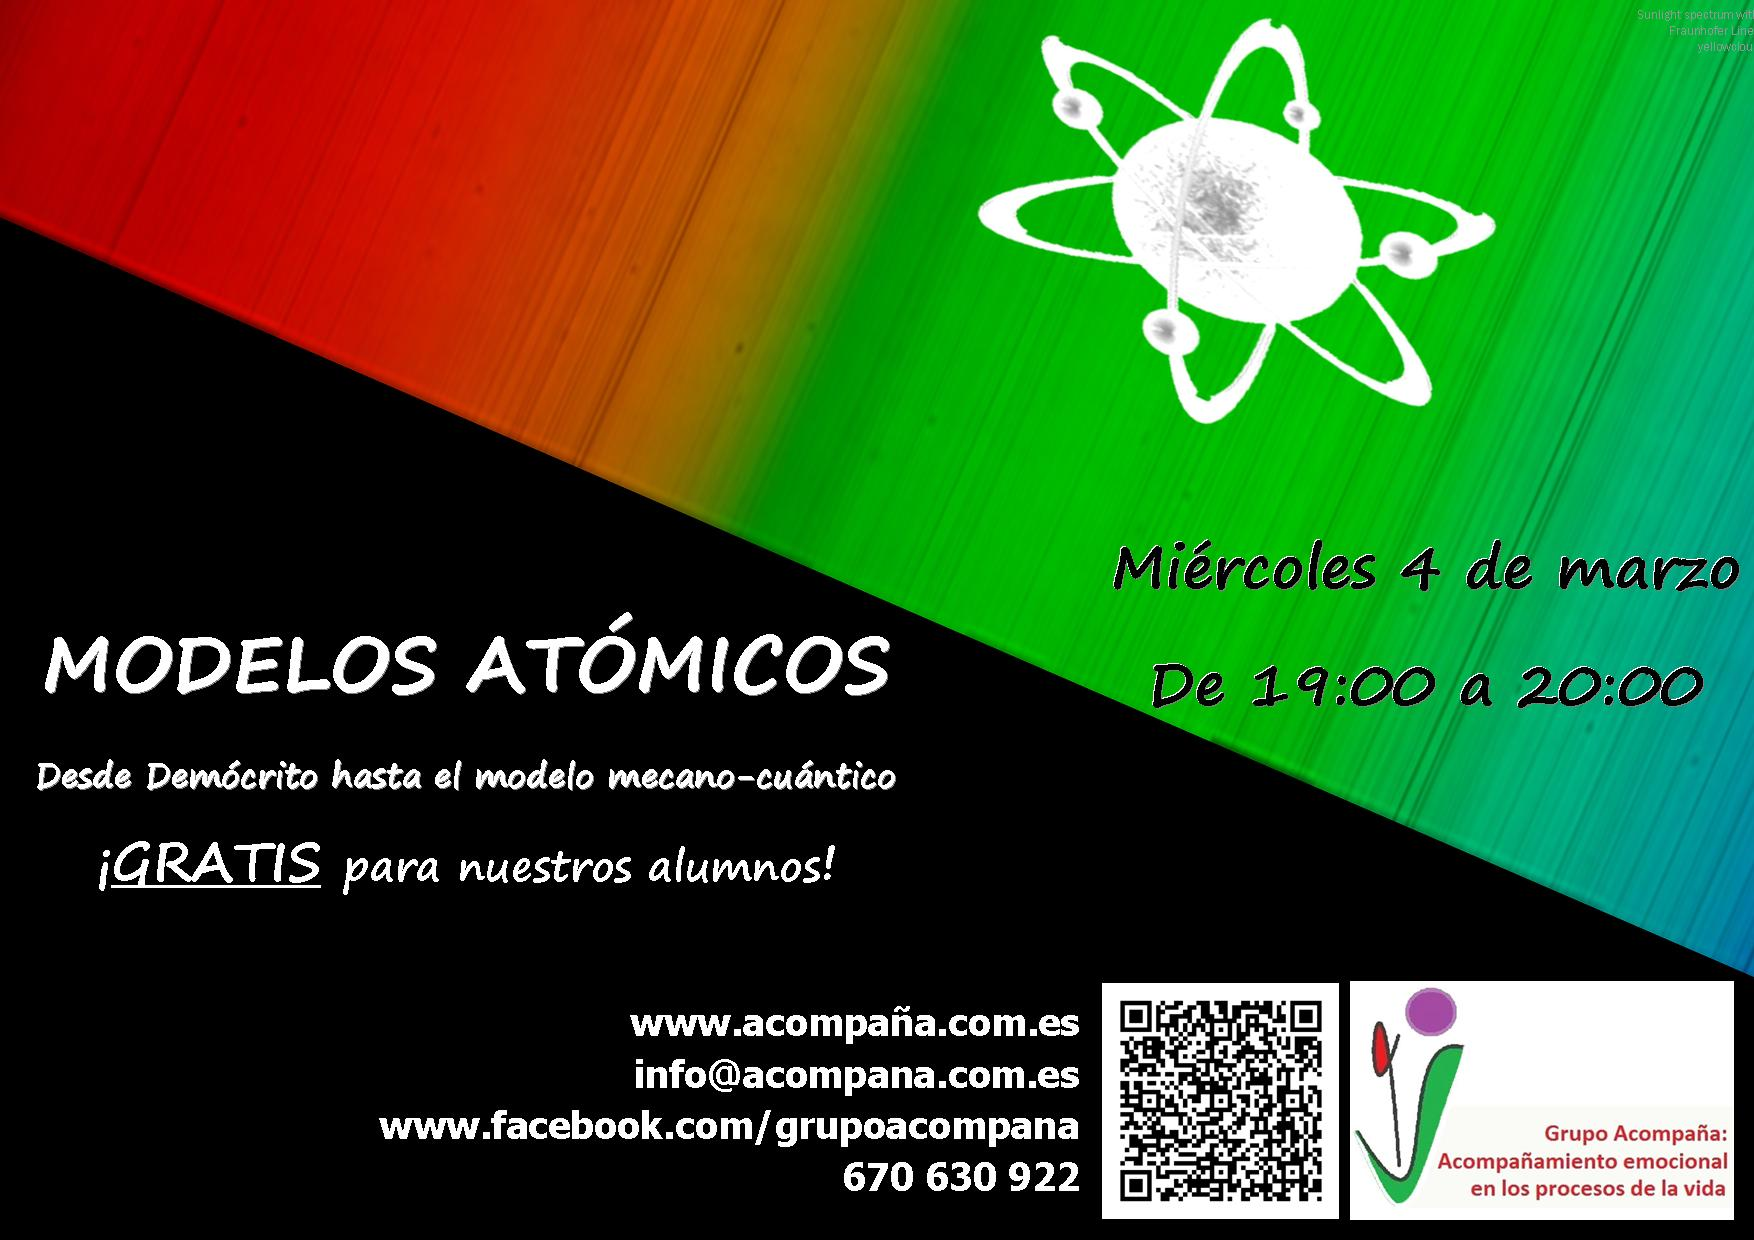 modelos atomicos 4demarzo